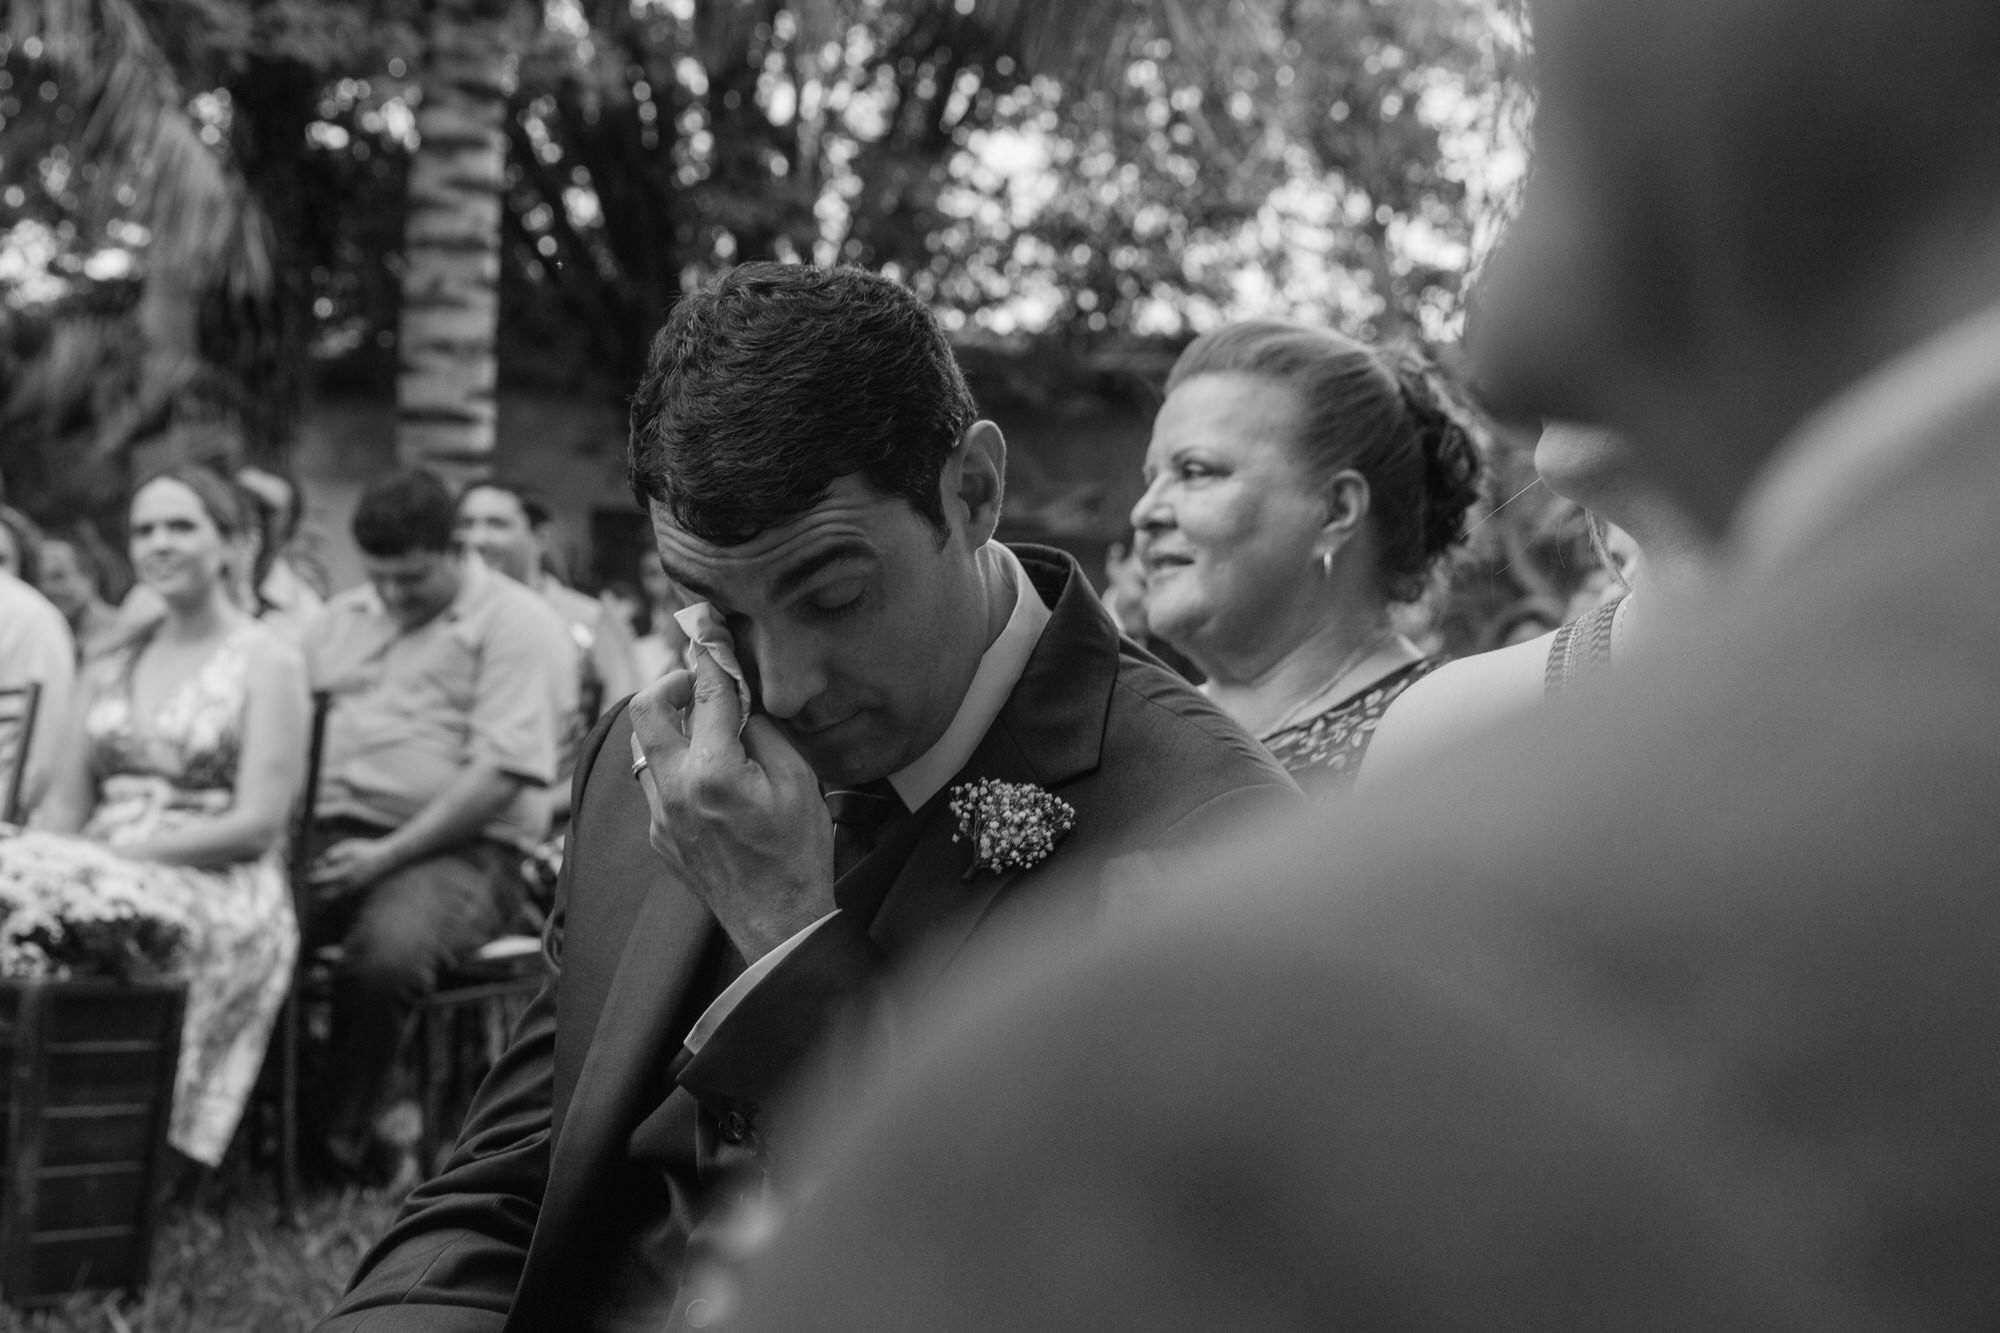 Fabio e Gisele - Casamento em Mundo Novo - MS por Lorran Souza e Léia Sotile - fotografo de casamentos - 00024